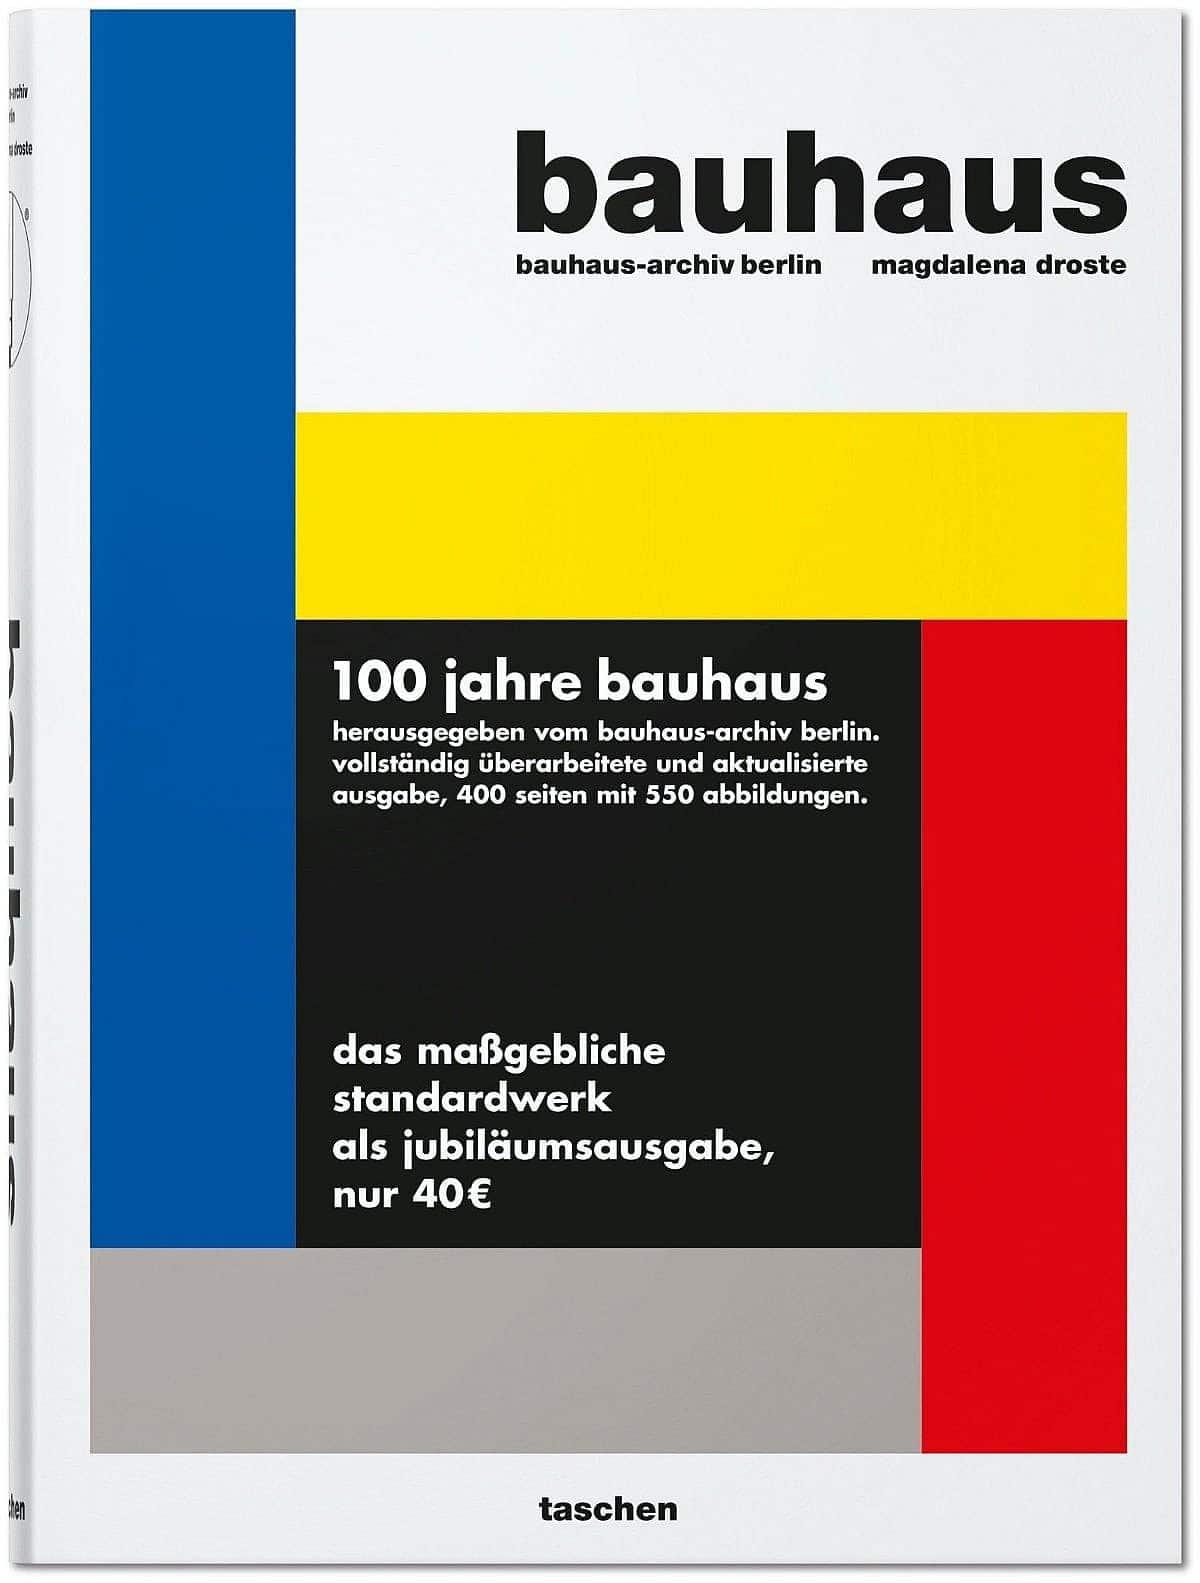 Bauhaus Taschen Verlag